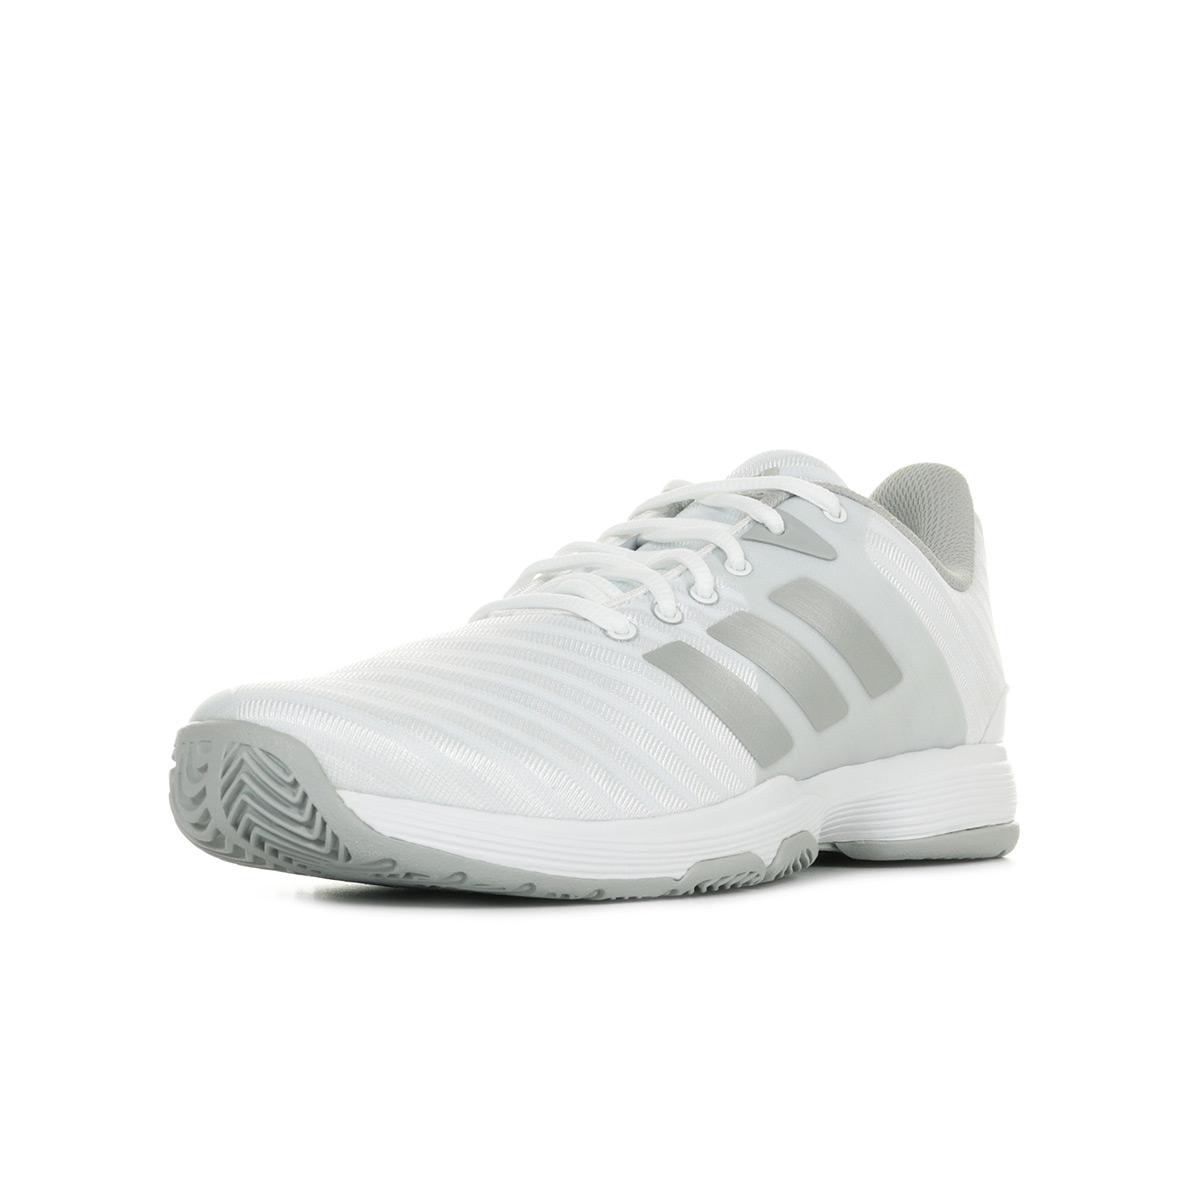 Femme adidas Barricade Court W Chaussures de Tennis Femme